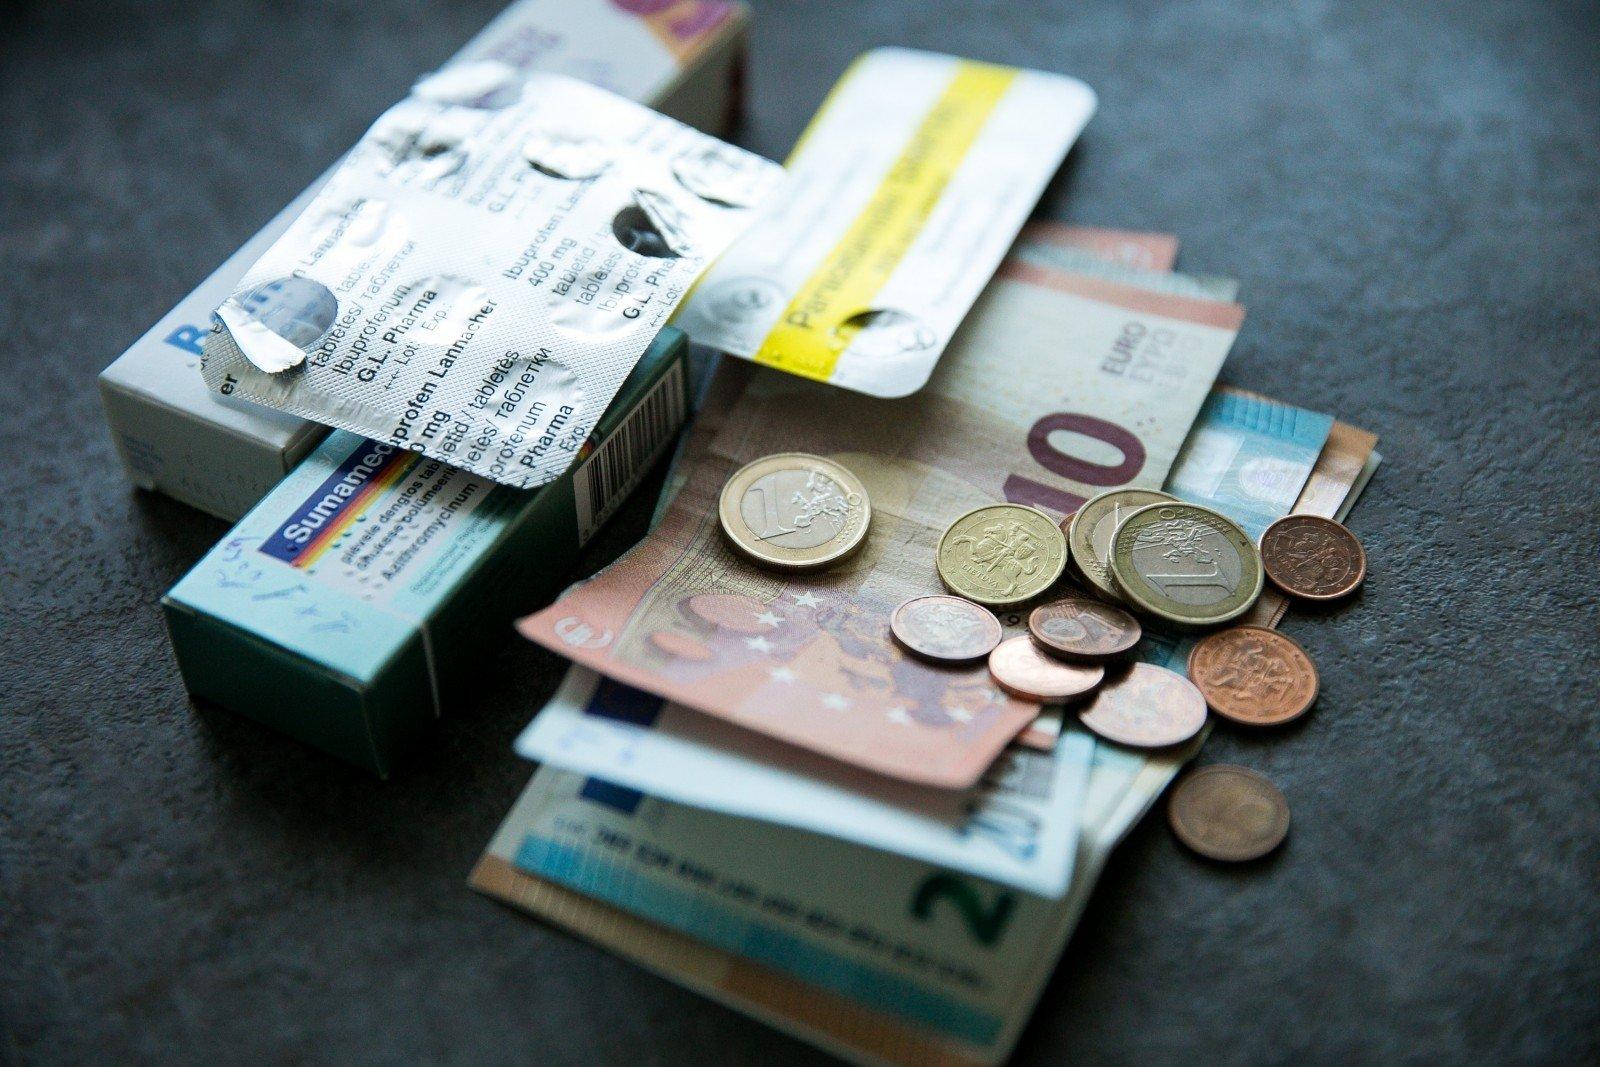 vykdyti prekybą eurais uždarbis greitai internete